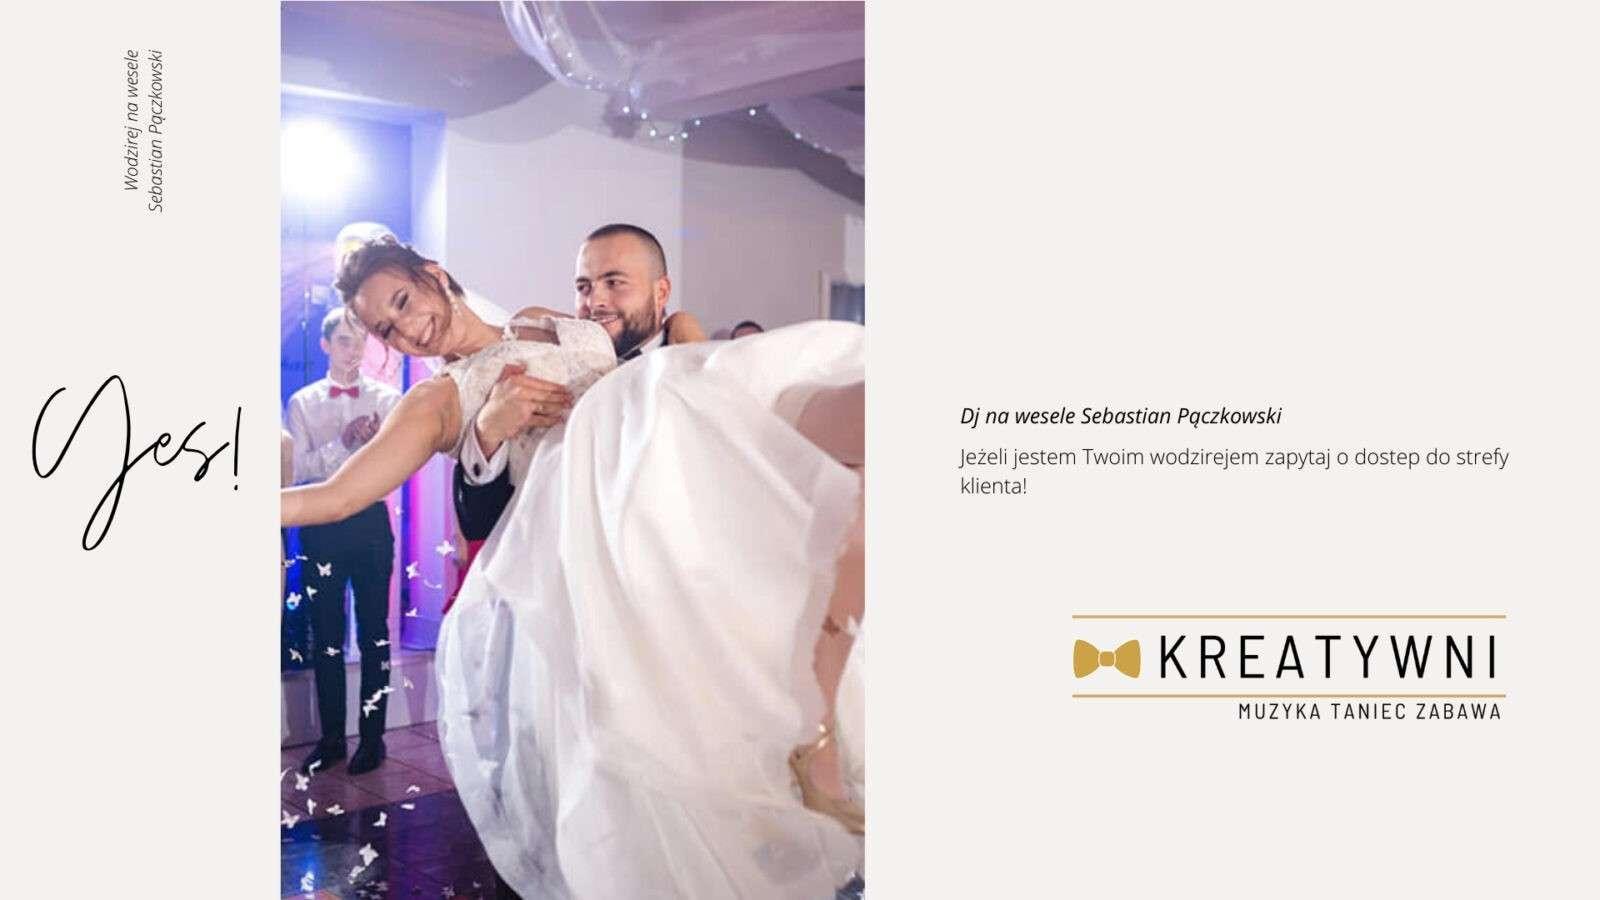 Dj wodzirej na wesele Sebastian Pączkowski